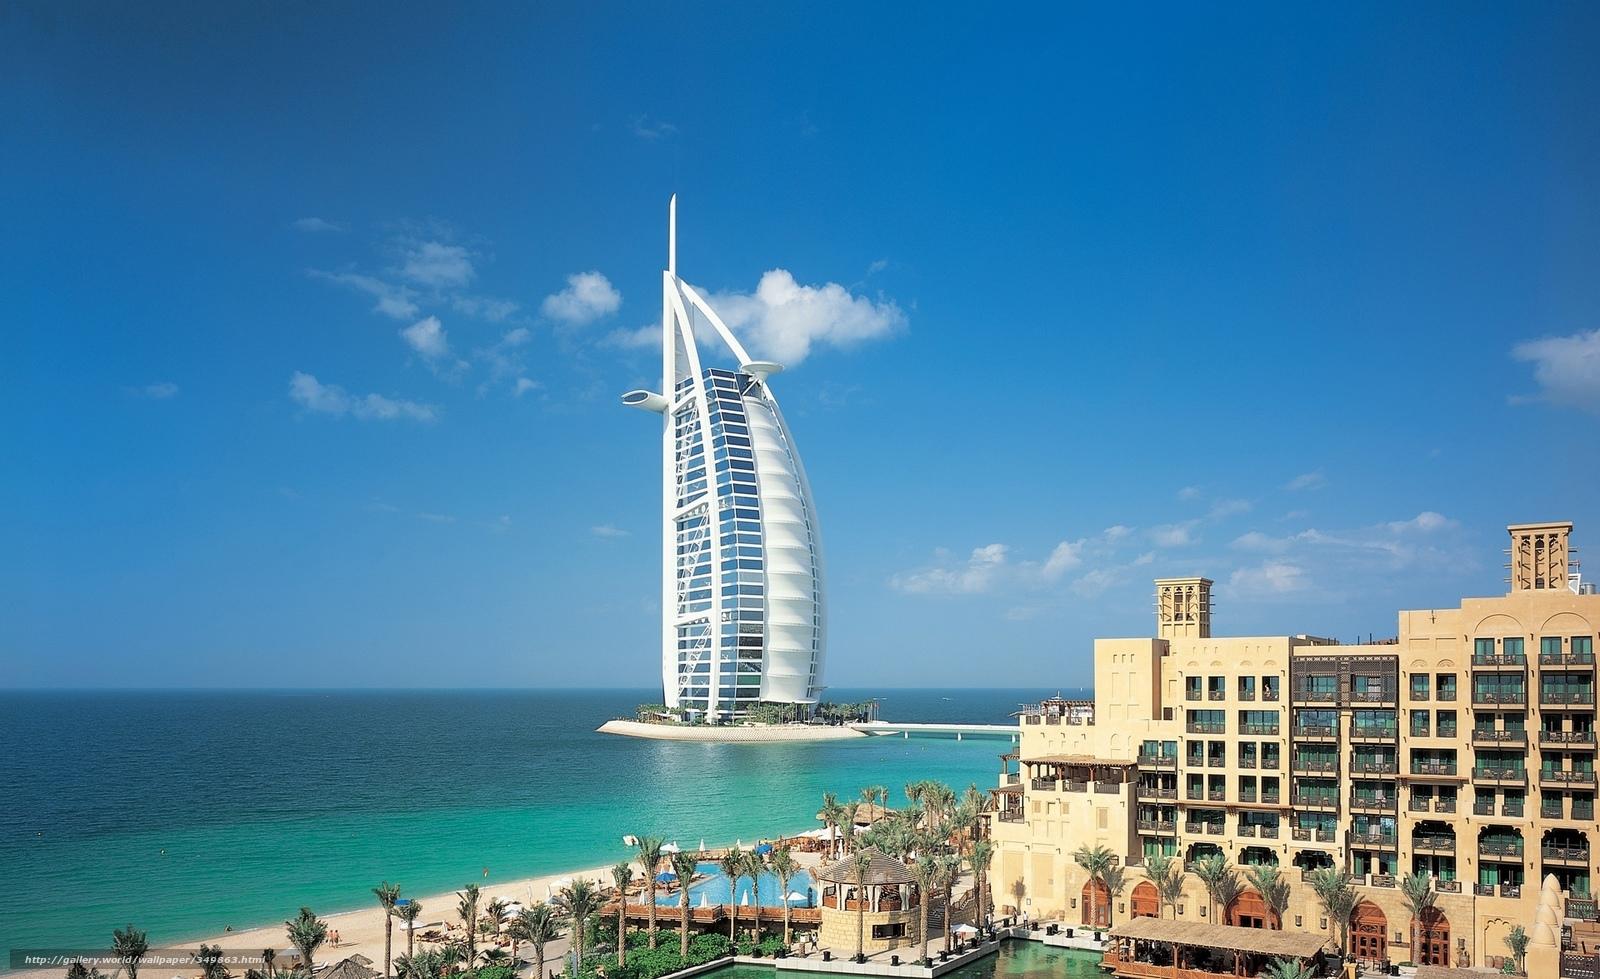 Burj Al Arab and 360 degree club, Dubai, UAE.jpg